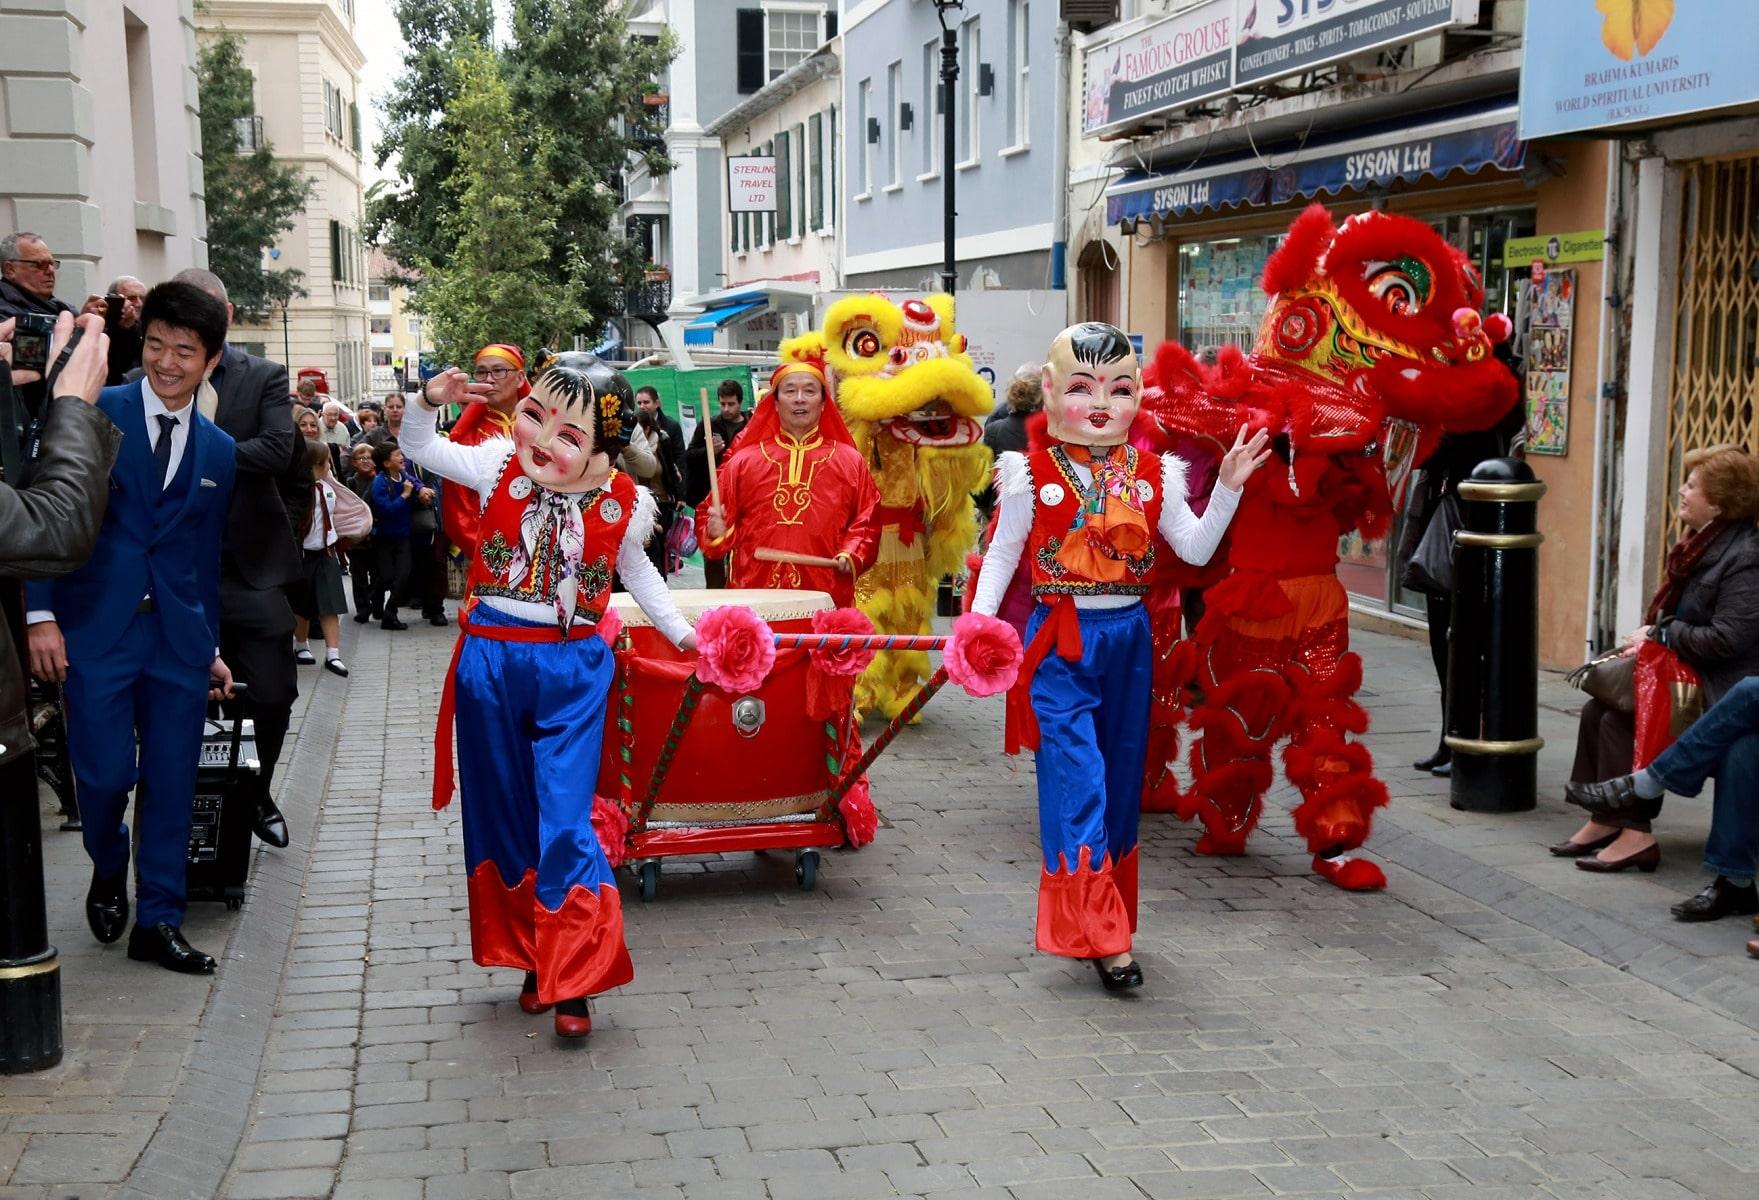 10-feb-2016-celebracin-en-gibraltar-del-ao-nuevo-chino-18_24310517074_o